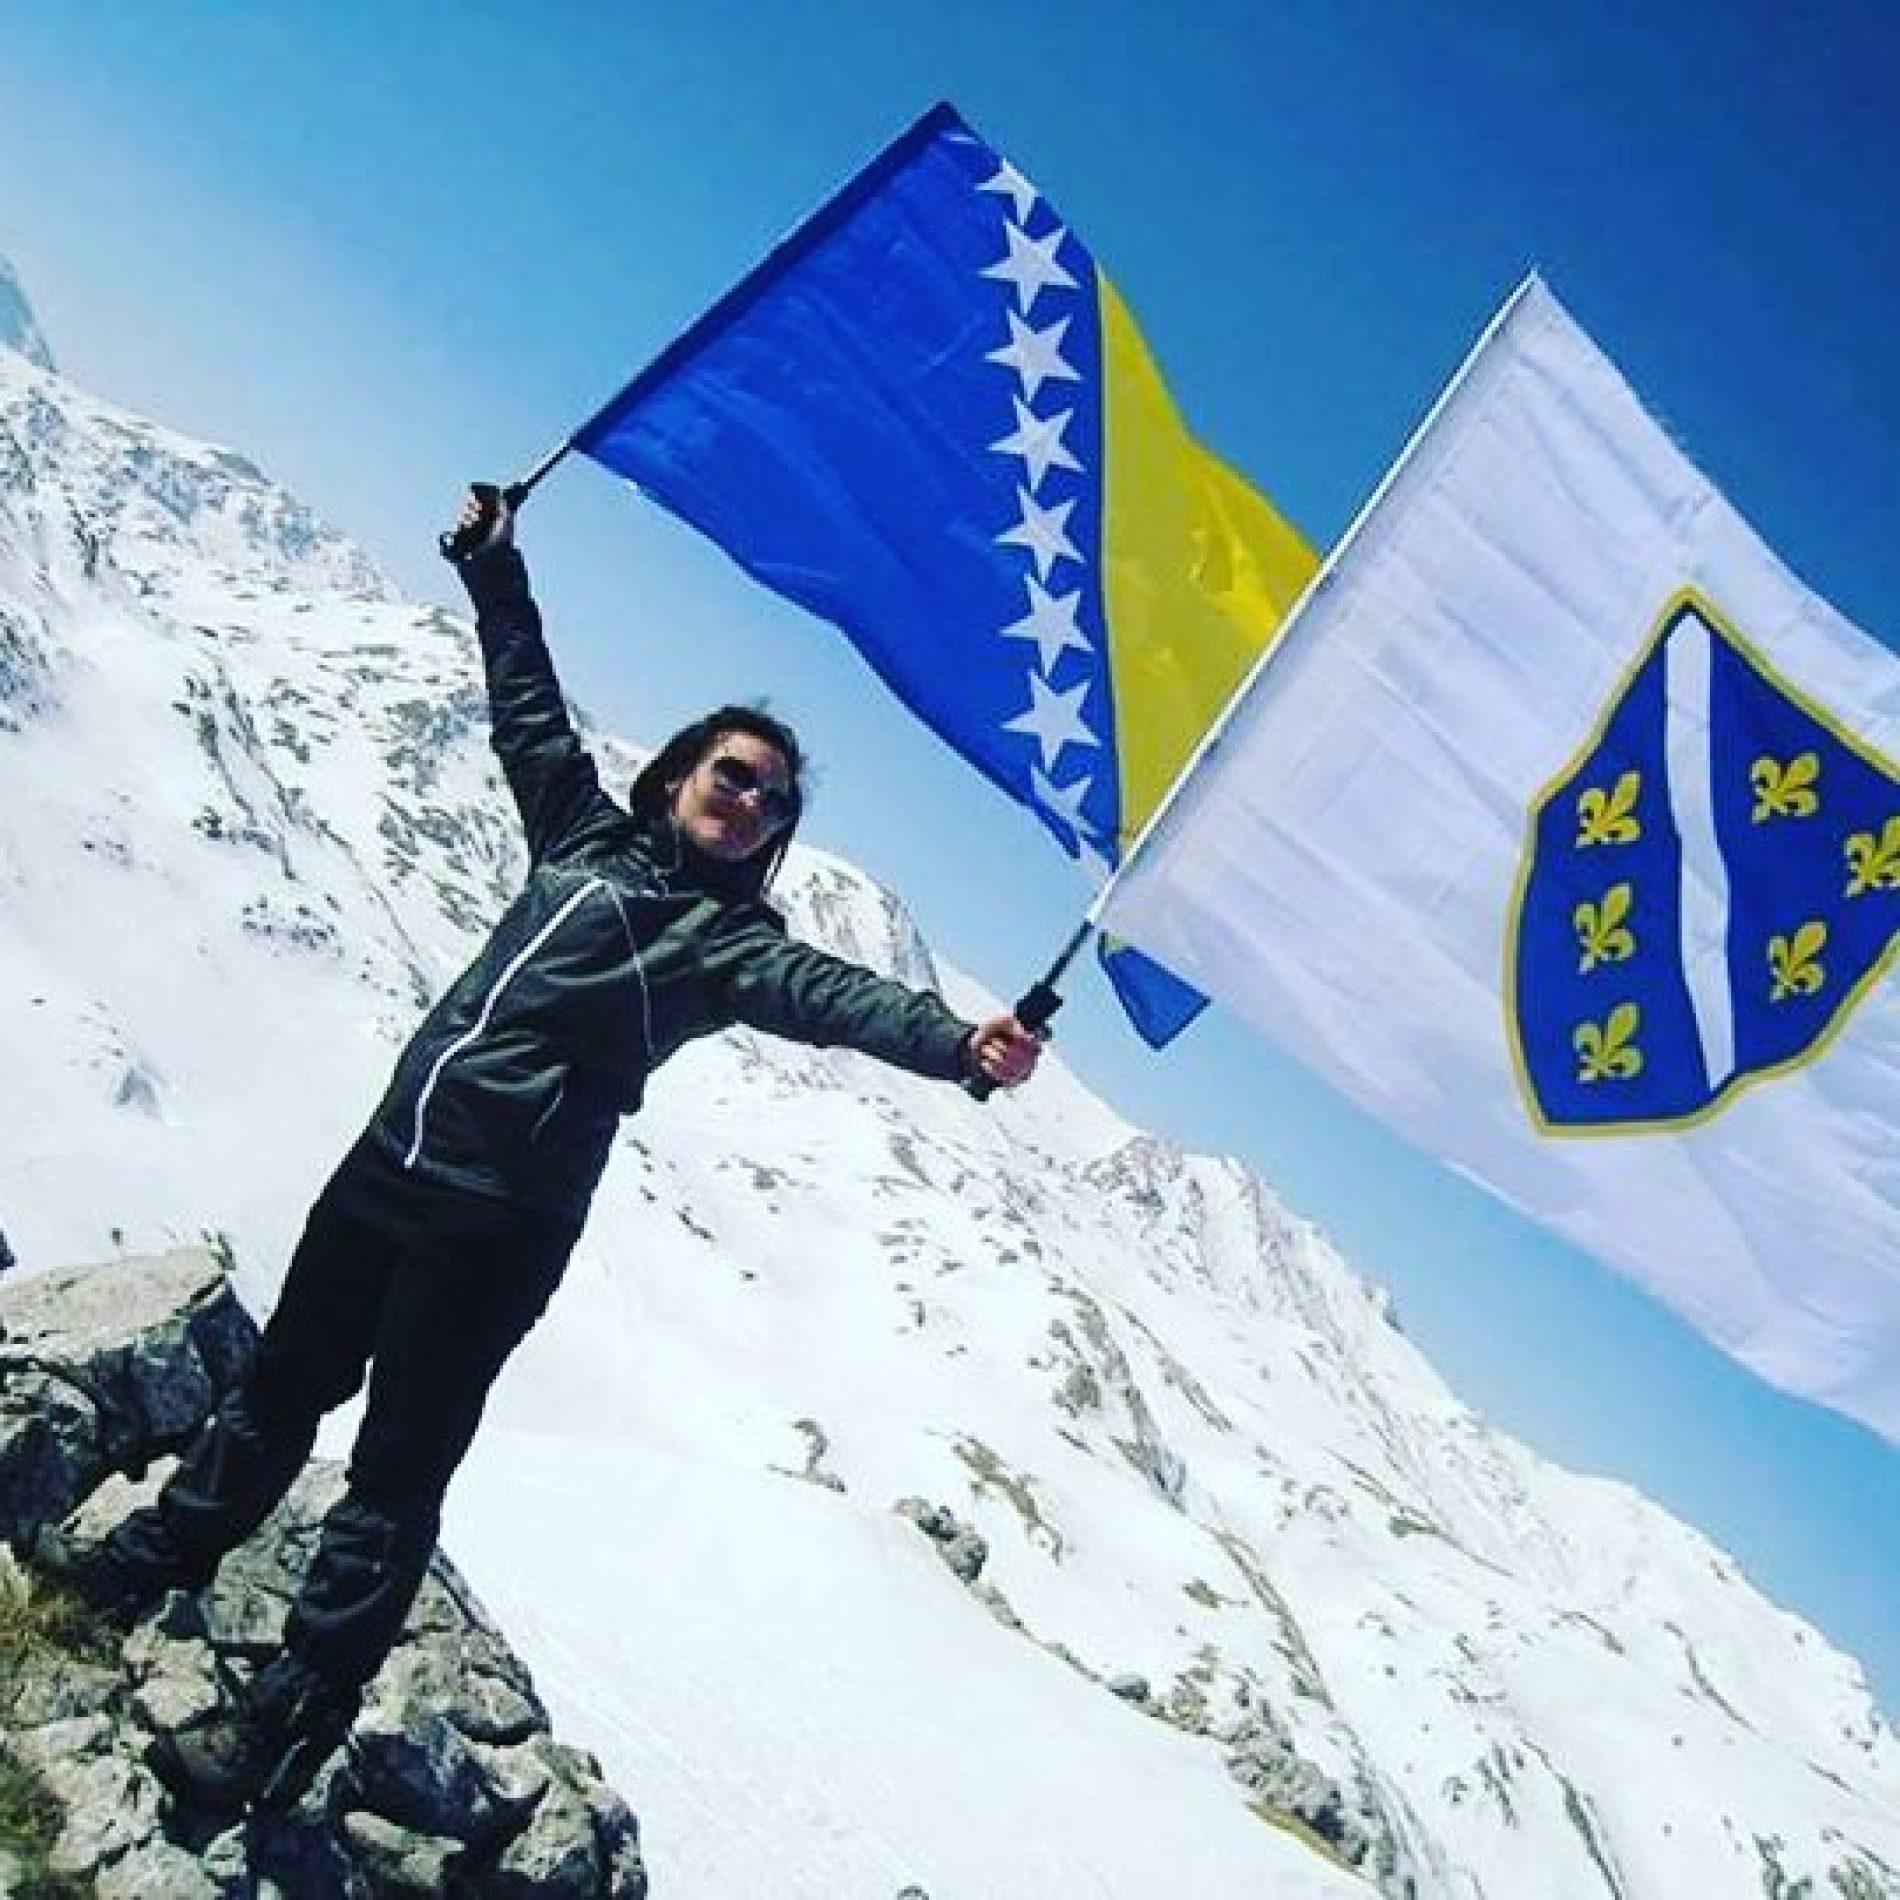 Prije 20 godina Bosna i Hercegovina dobila novu zastavu – Ljiljani i dalje u srcima